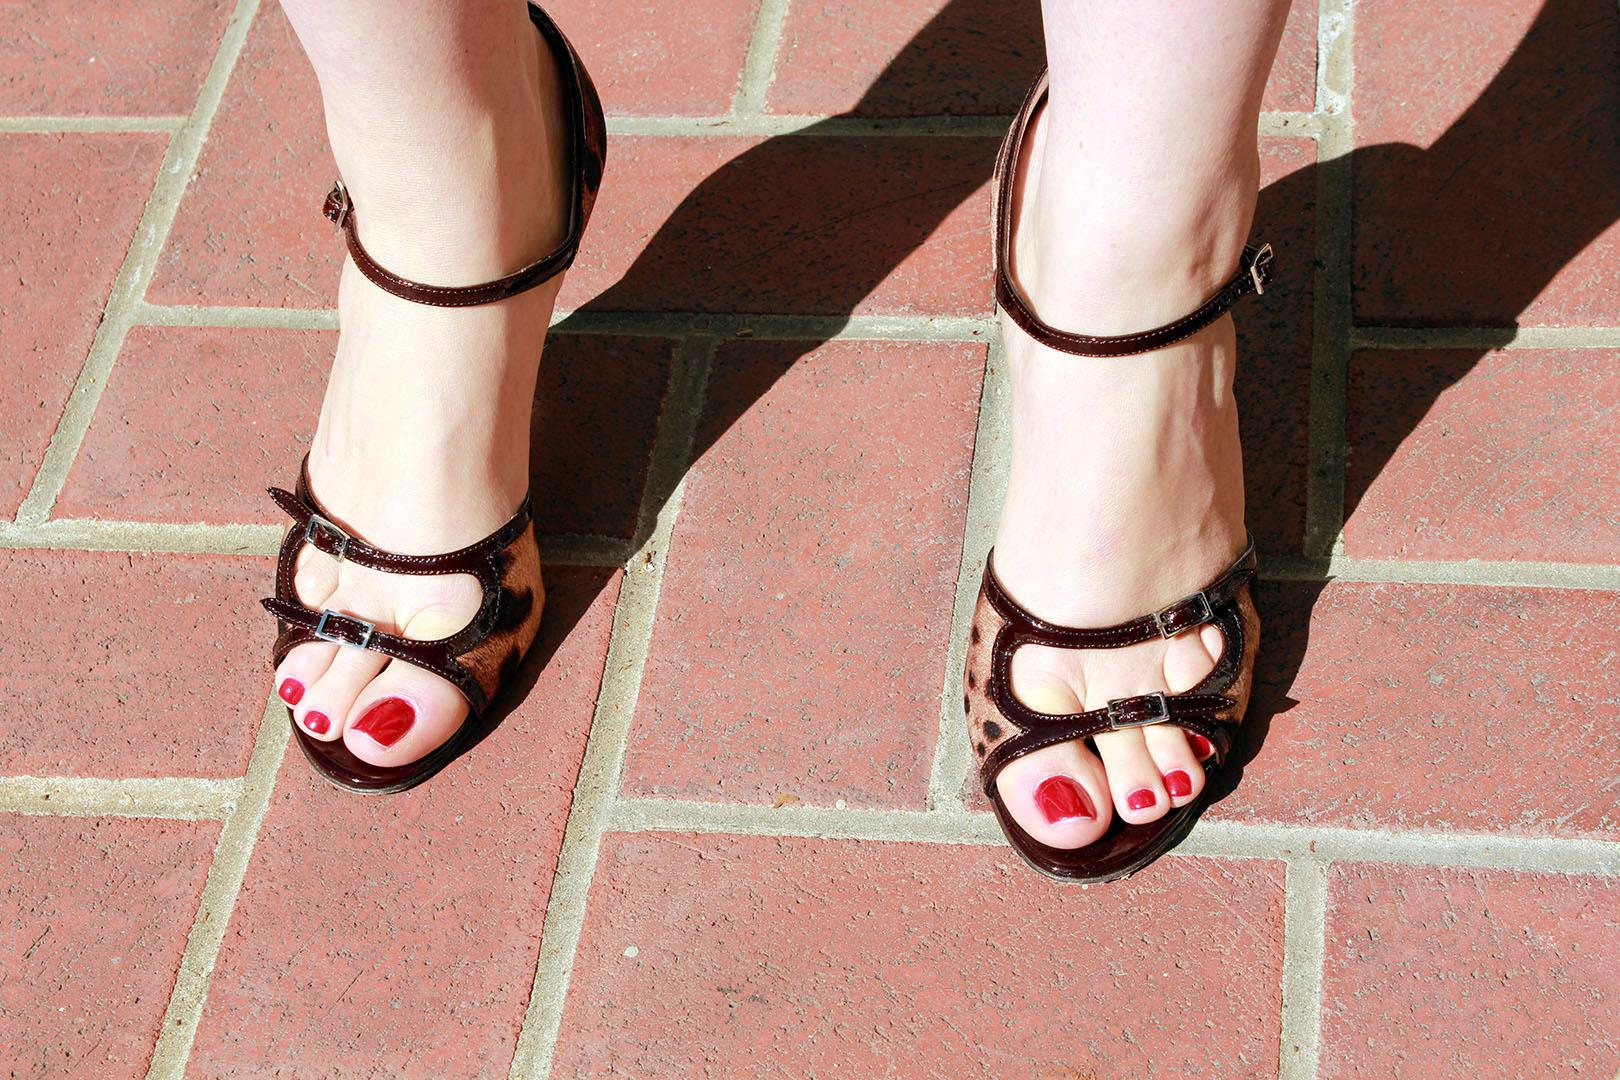 dolce & gabbana heels, dolce & gabbana sandals, D&G heels, D&G sandals